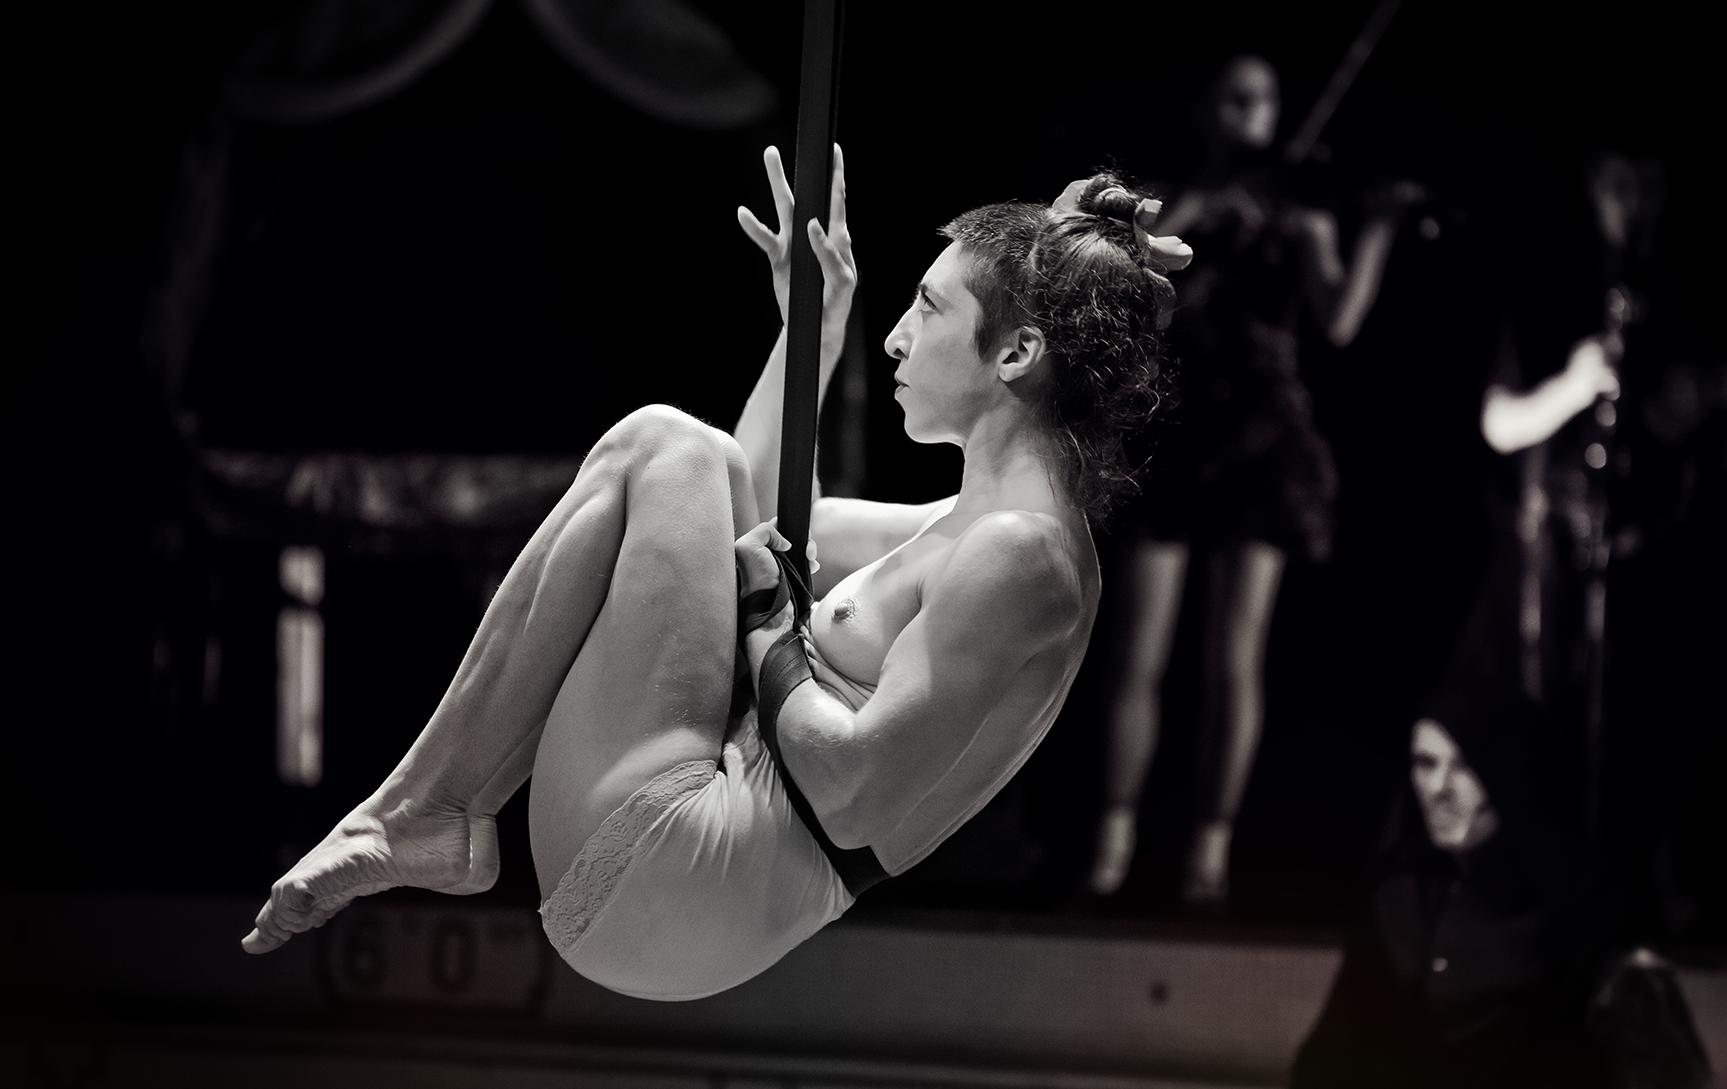 Lili la Terreur - Corde Lisse    Éliane Bonin, alias   Lili la Terreur  , est une artiste de cirque aux desseins fougueux et aux inspirations sauvages. Elle joue avec le feu, pratique plusieurs disciplines aériennes, le main-à-main et le théâtre physique. Si son caractère versatile lui permet de s'implanter dans plusieurs milieux, elle manifeste un goût prononcé pour les contextes où règnent la liberté d'expression et où la créativité n'est pas censurée. Elle a   été impliquée au cœur du festival Carmagnole depuis 2001, a fait partie du trio de feu les Walkyries pendant 12 ans et de Pipistrella, duo de trapèze et main-à-main, pendant 8 ans.